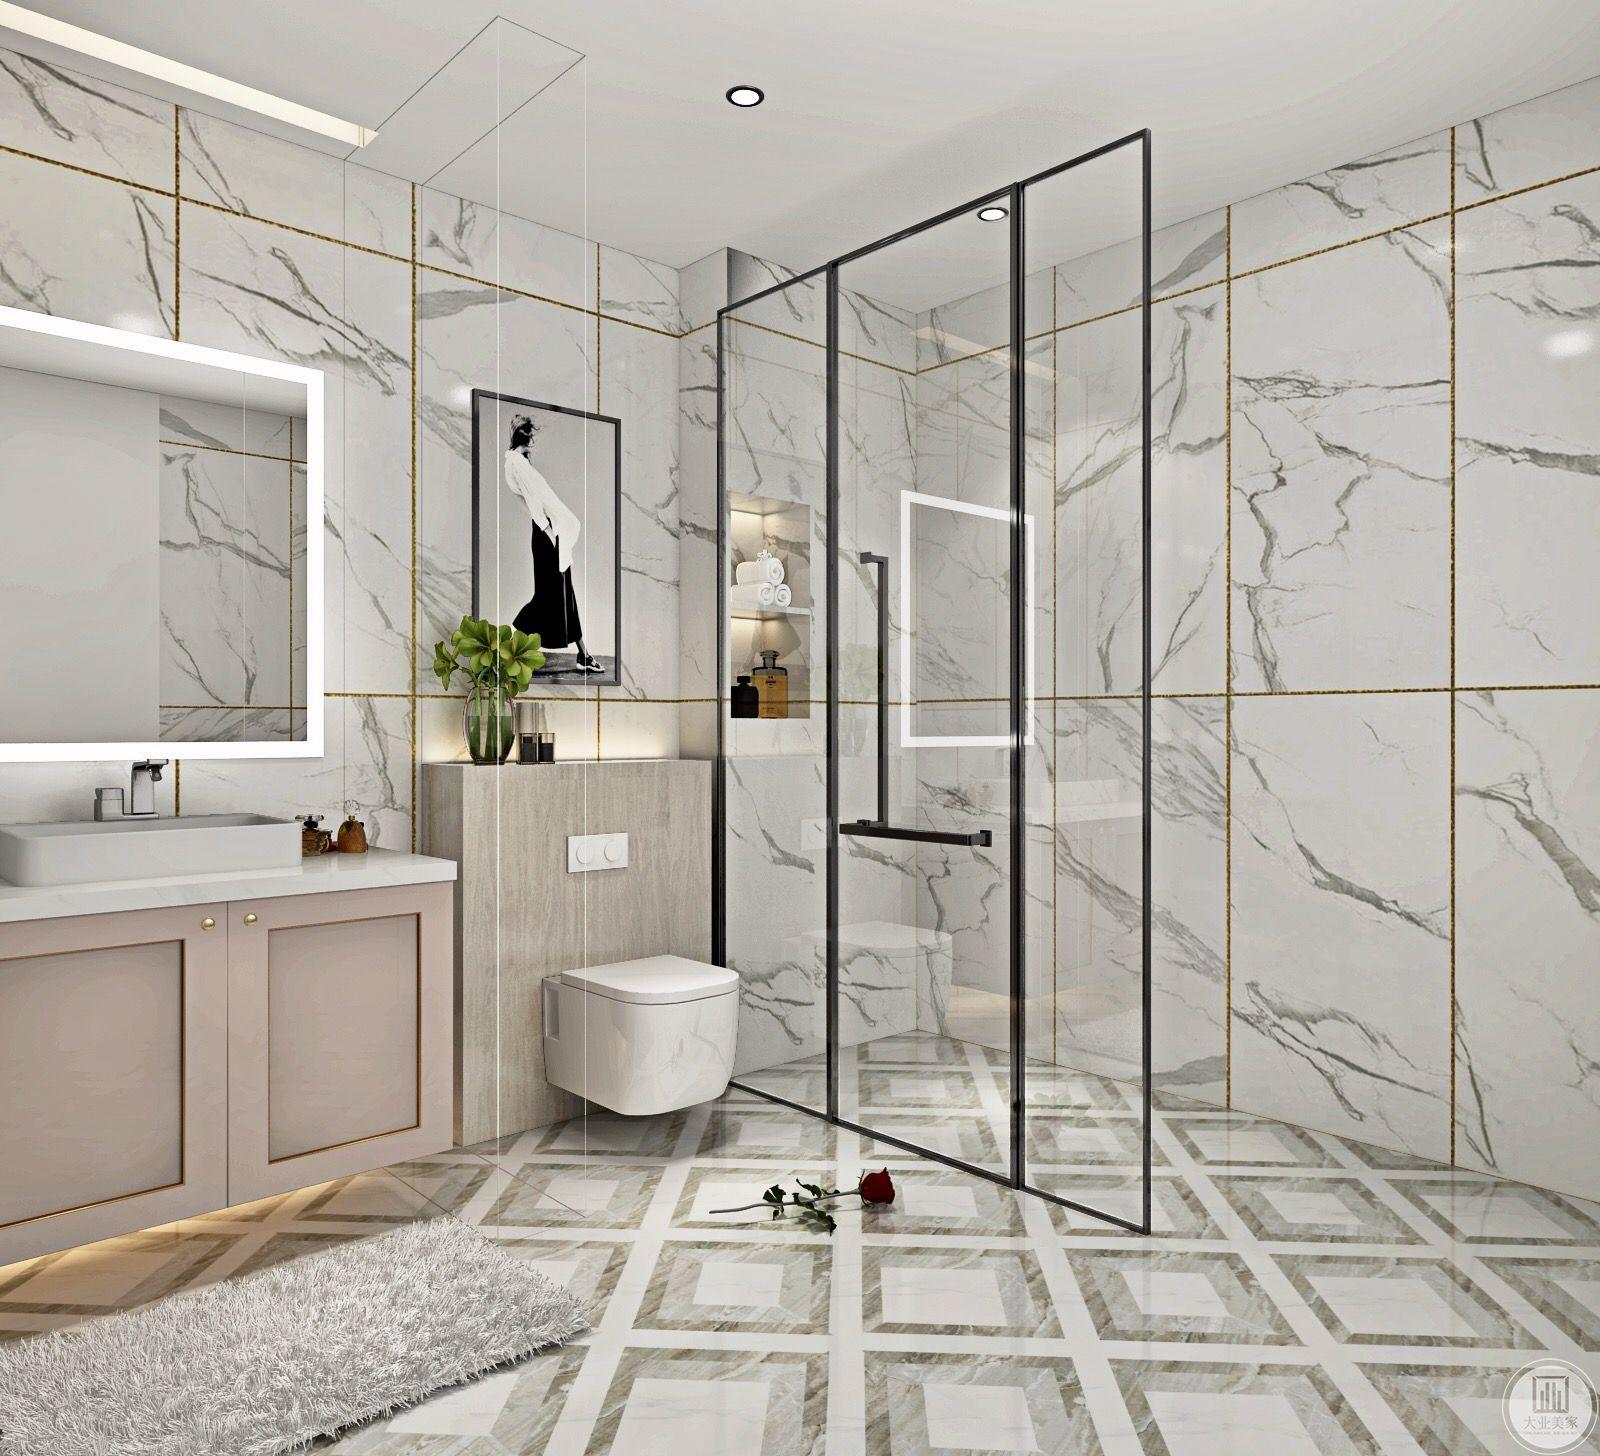 卫生间区设置了洗手台和收纳空间 。